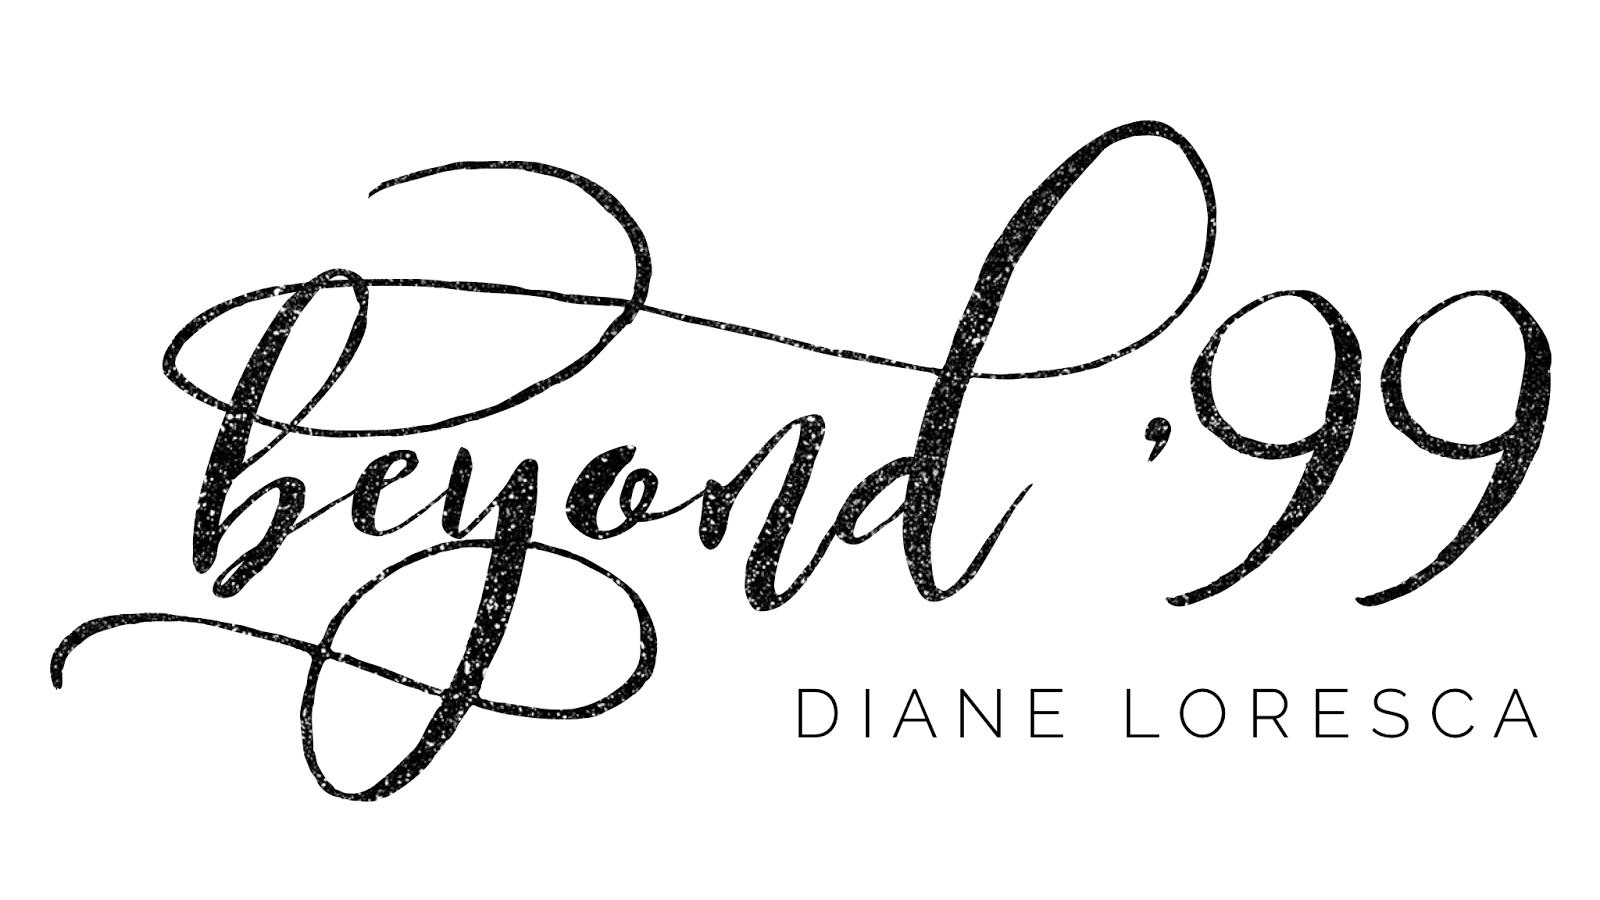 Beyond'99 - Diane Loresca